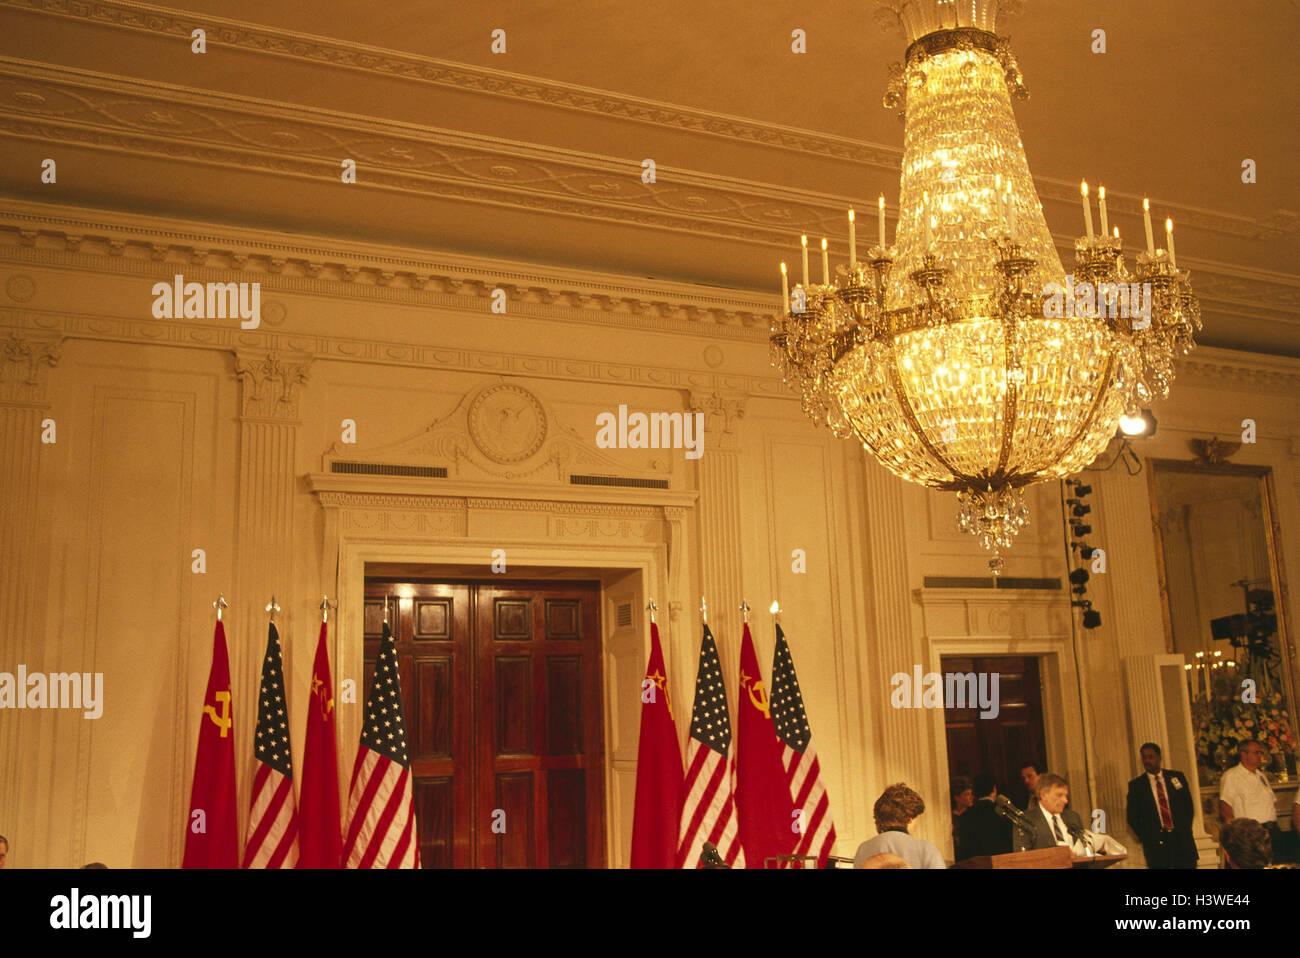 Les Usa Washington Dc Maison Blanche Hall D Entree De L Etude L